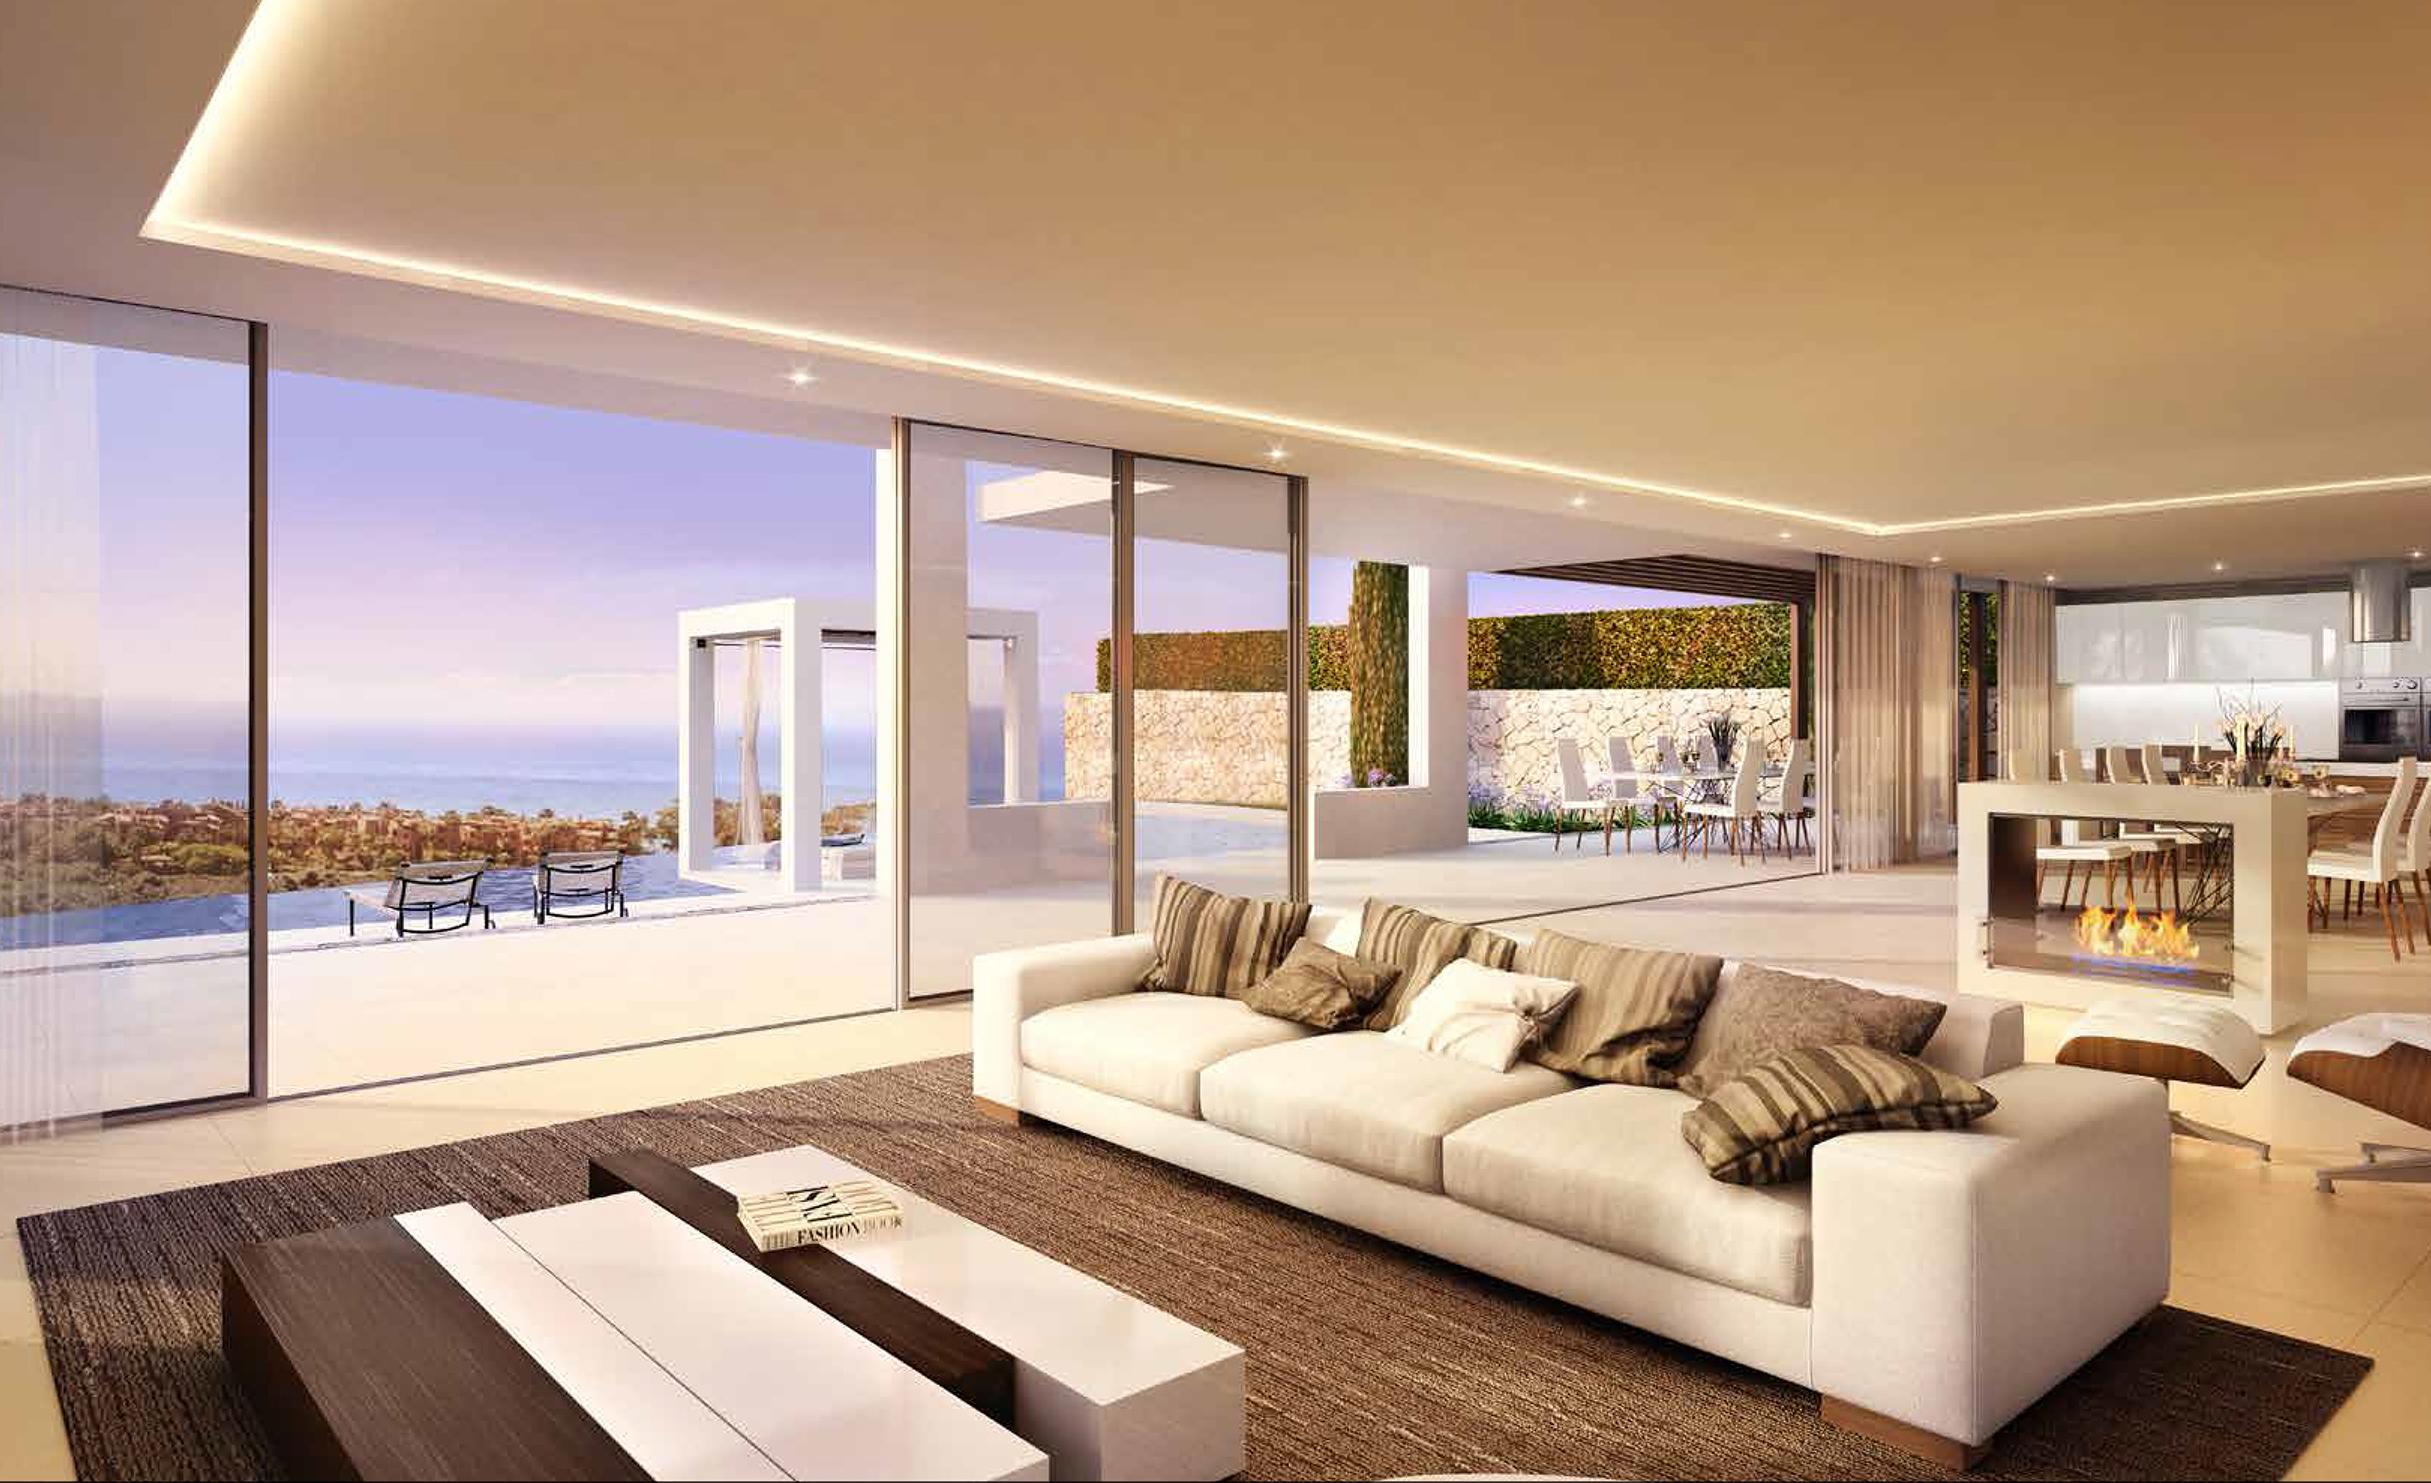 Consolidaci n de urbanizaciones en marbella frente a - Diana morales inmobiliaria ...